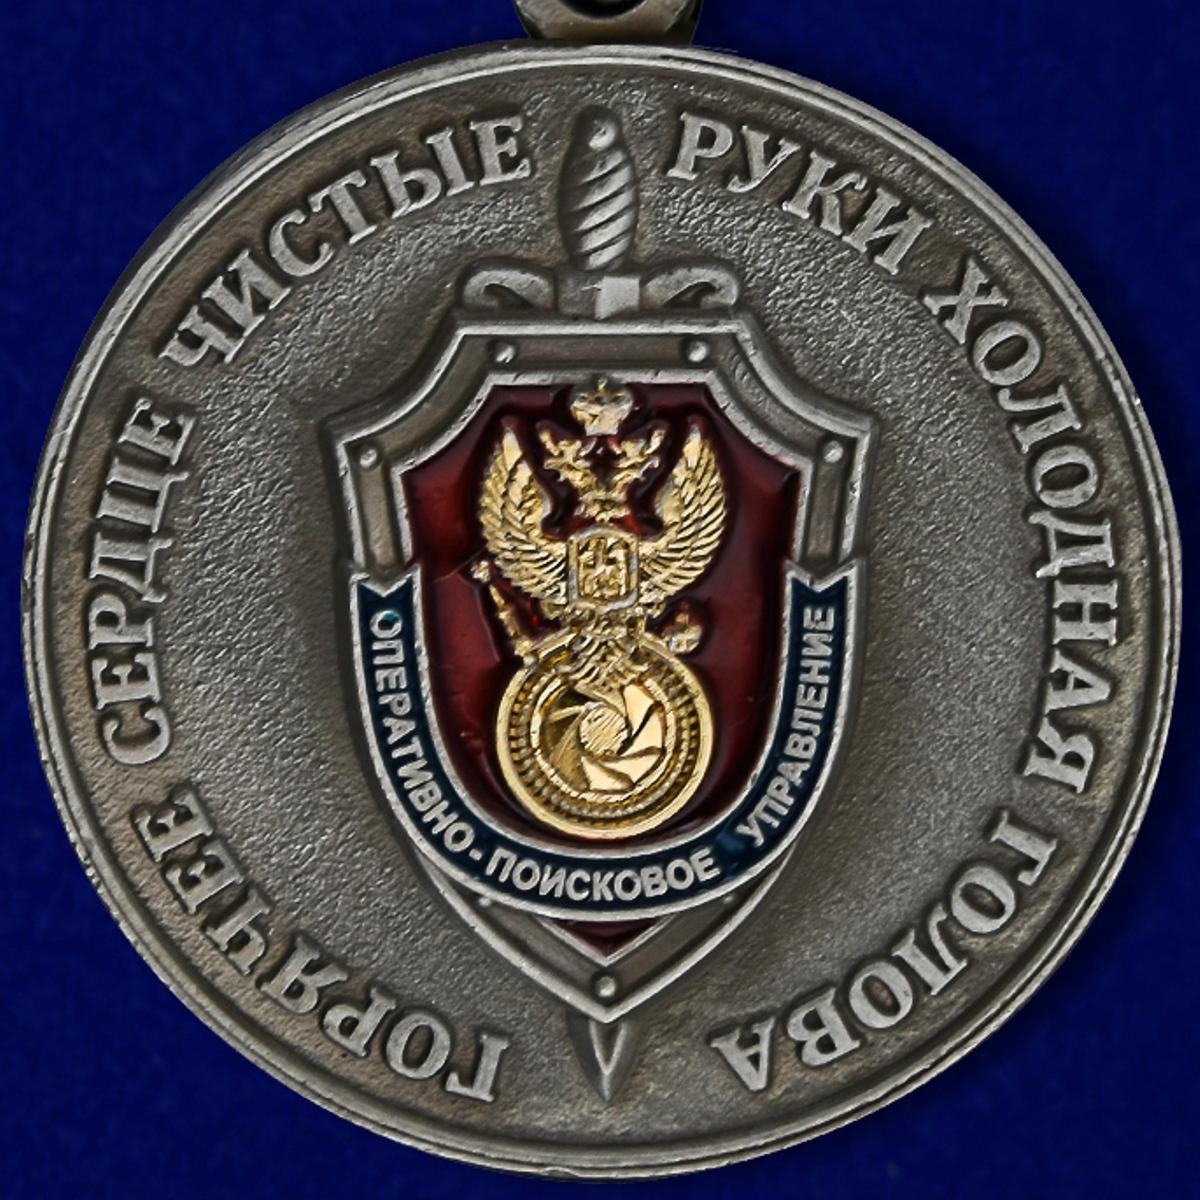 """Медаль """"Оперативно-поисковое управление"""" ФСБ России"""